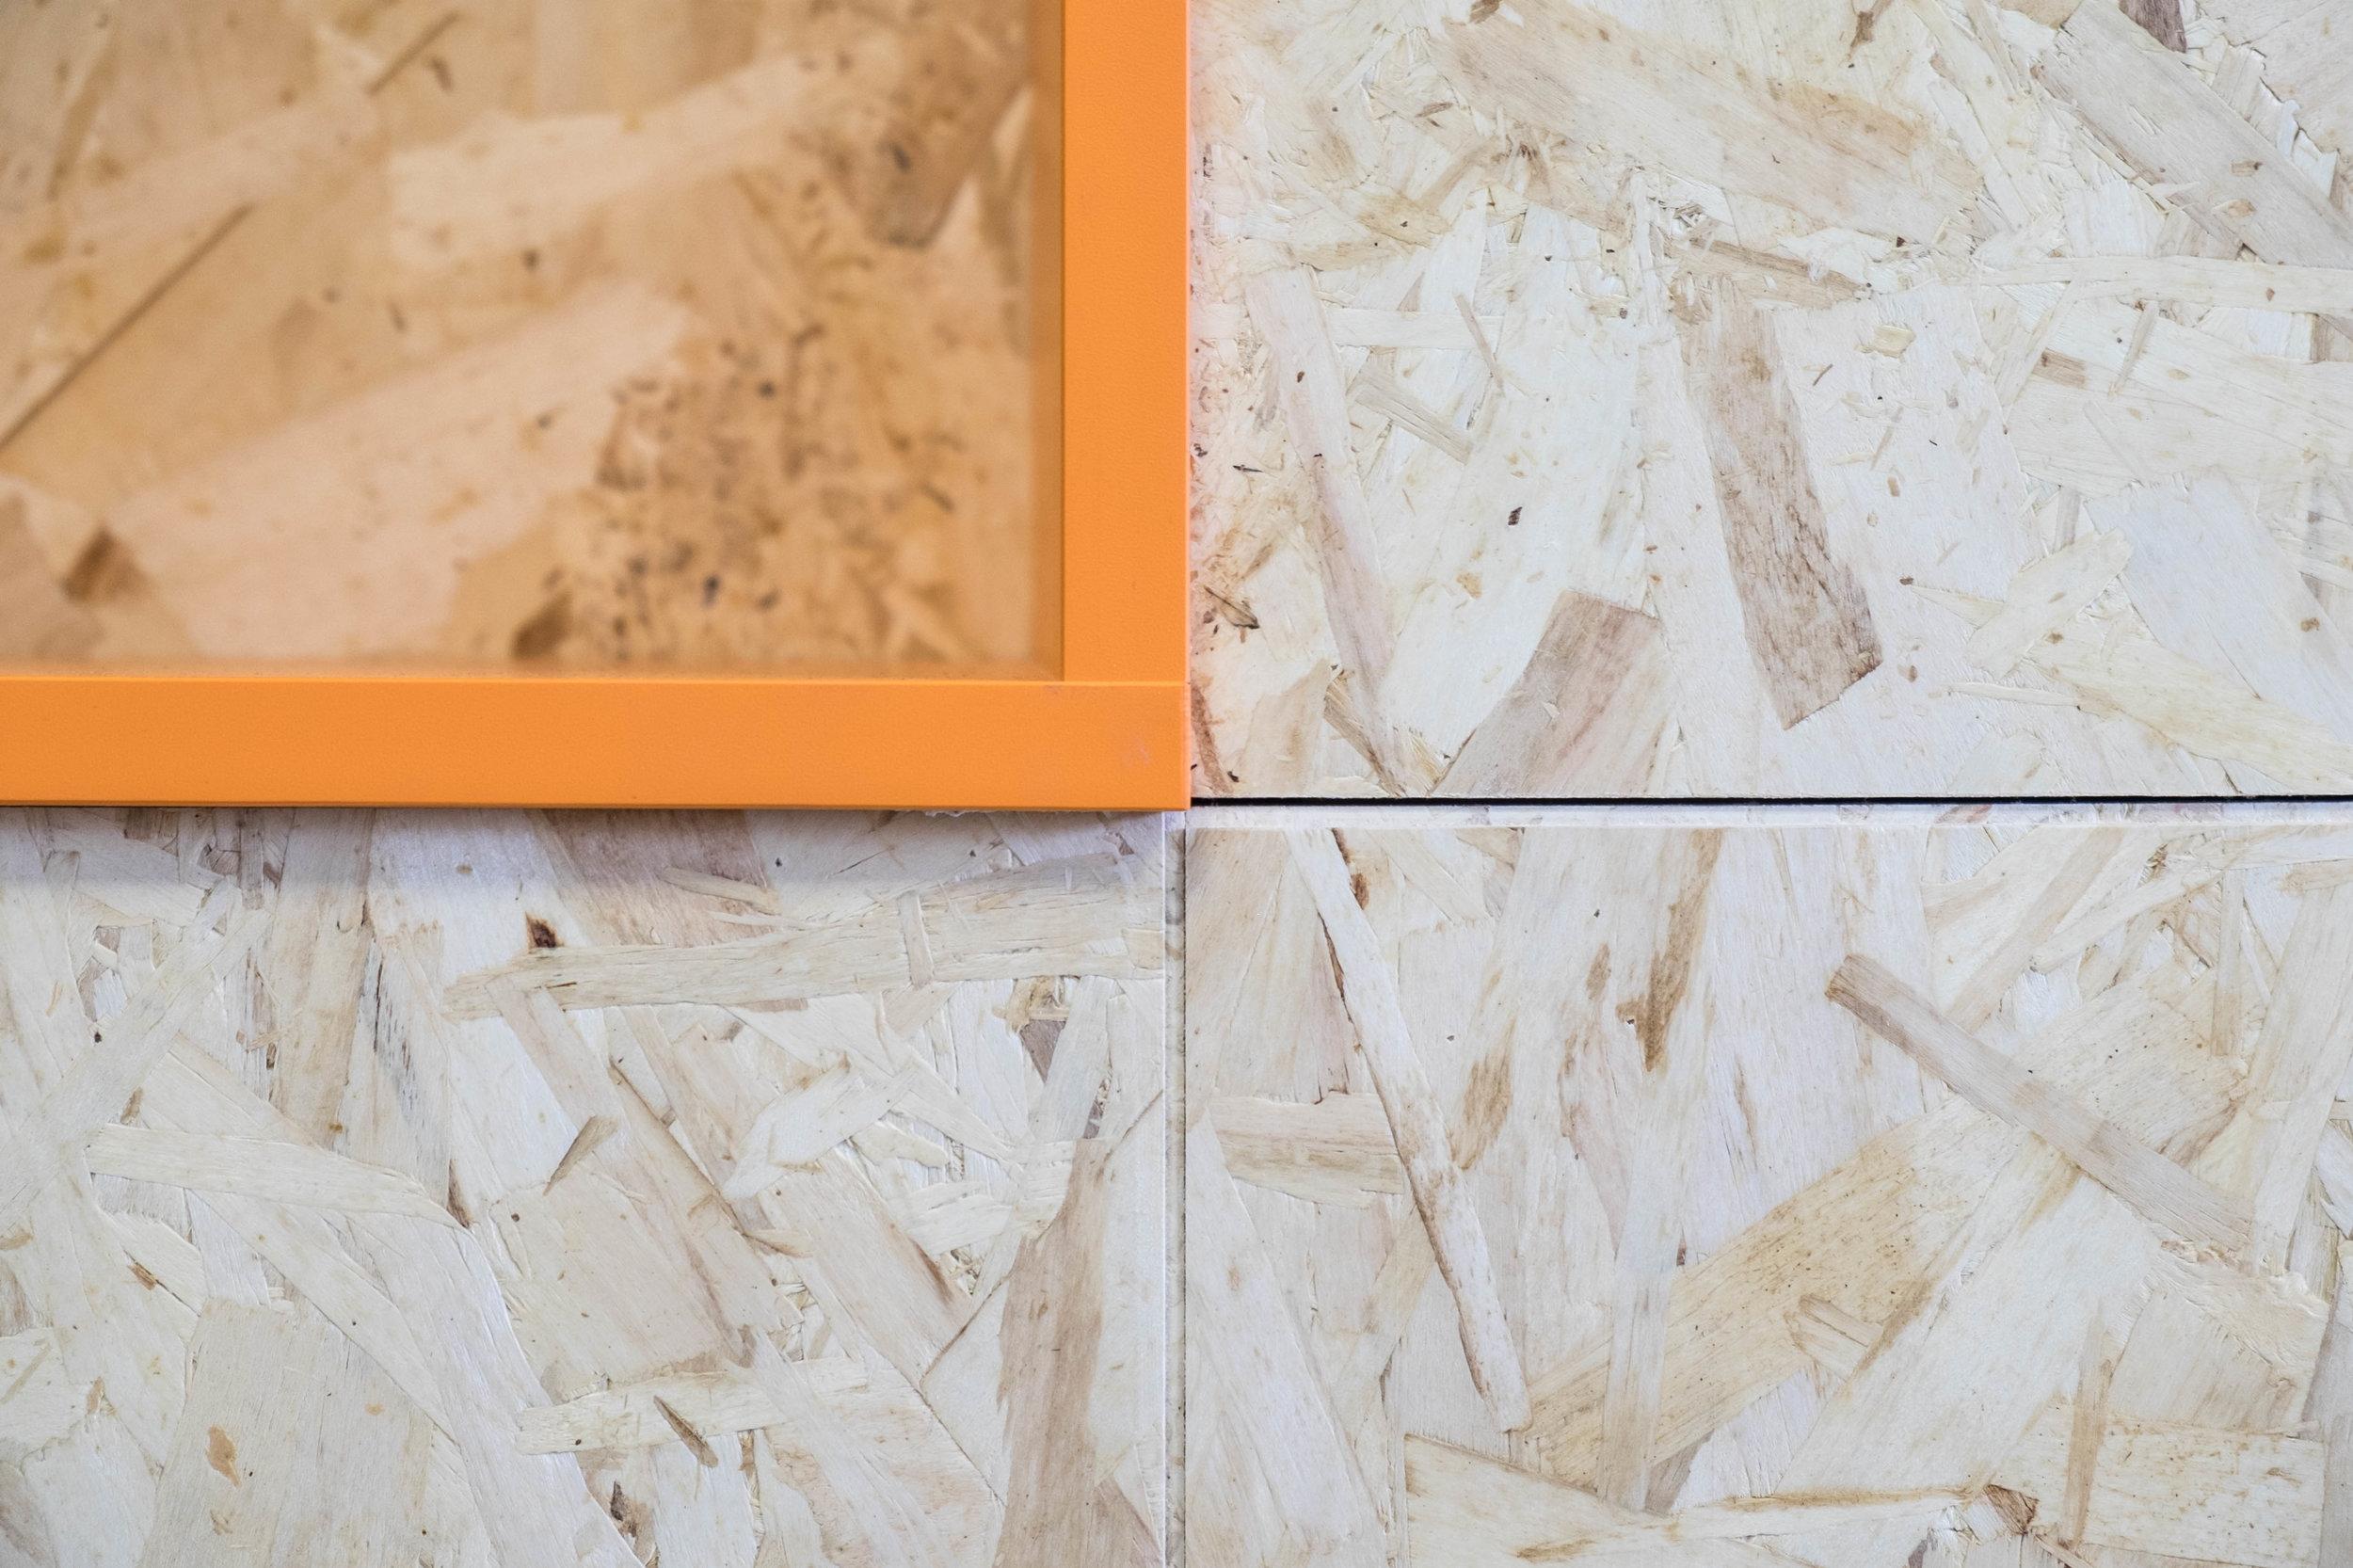 Los paneles OSB y el Dm lacado con los colores corporativos son los materiales usados